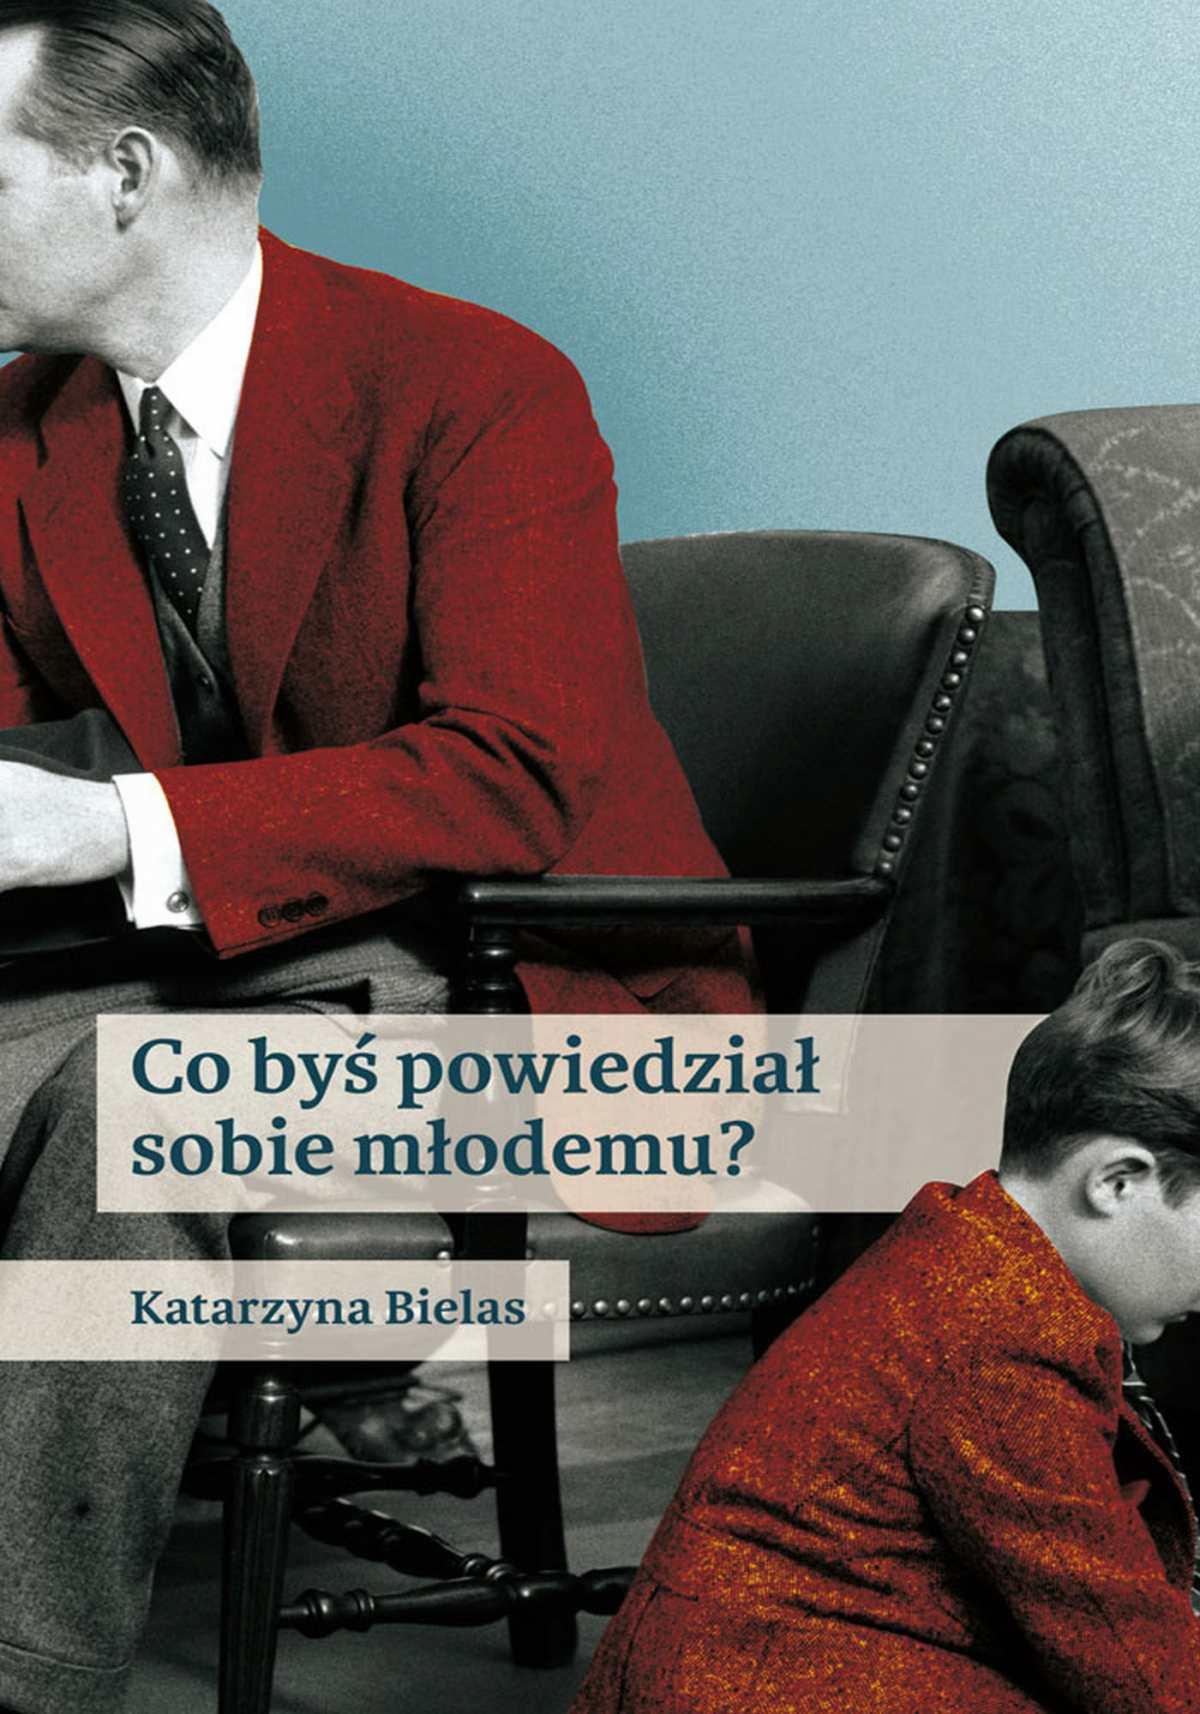 Co byś powiedział sobie młodemu? - Ebook (Książka EPUB) do pobrania w formacie EPUB